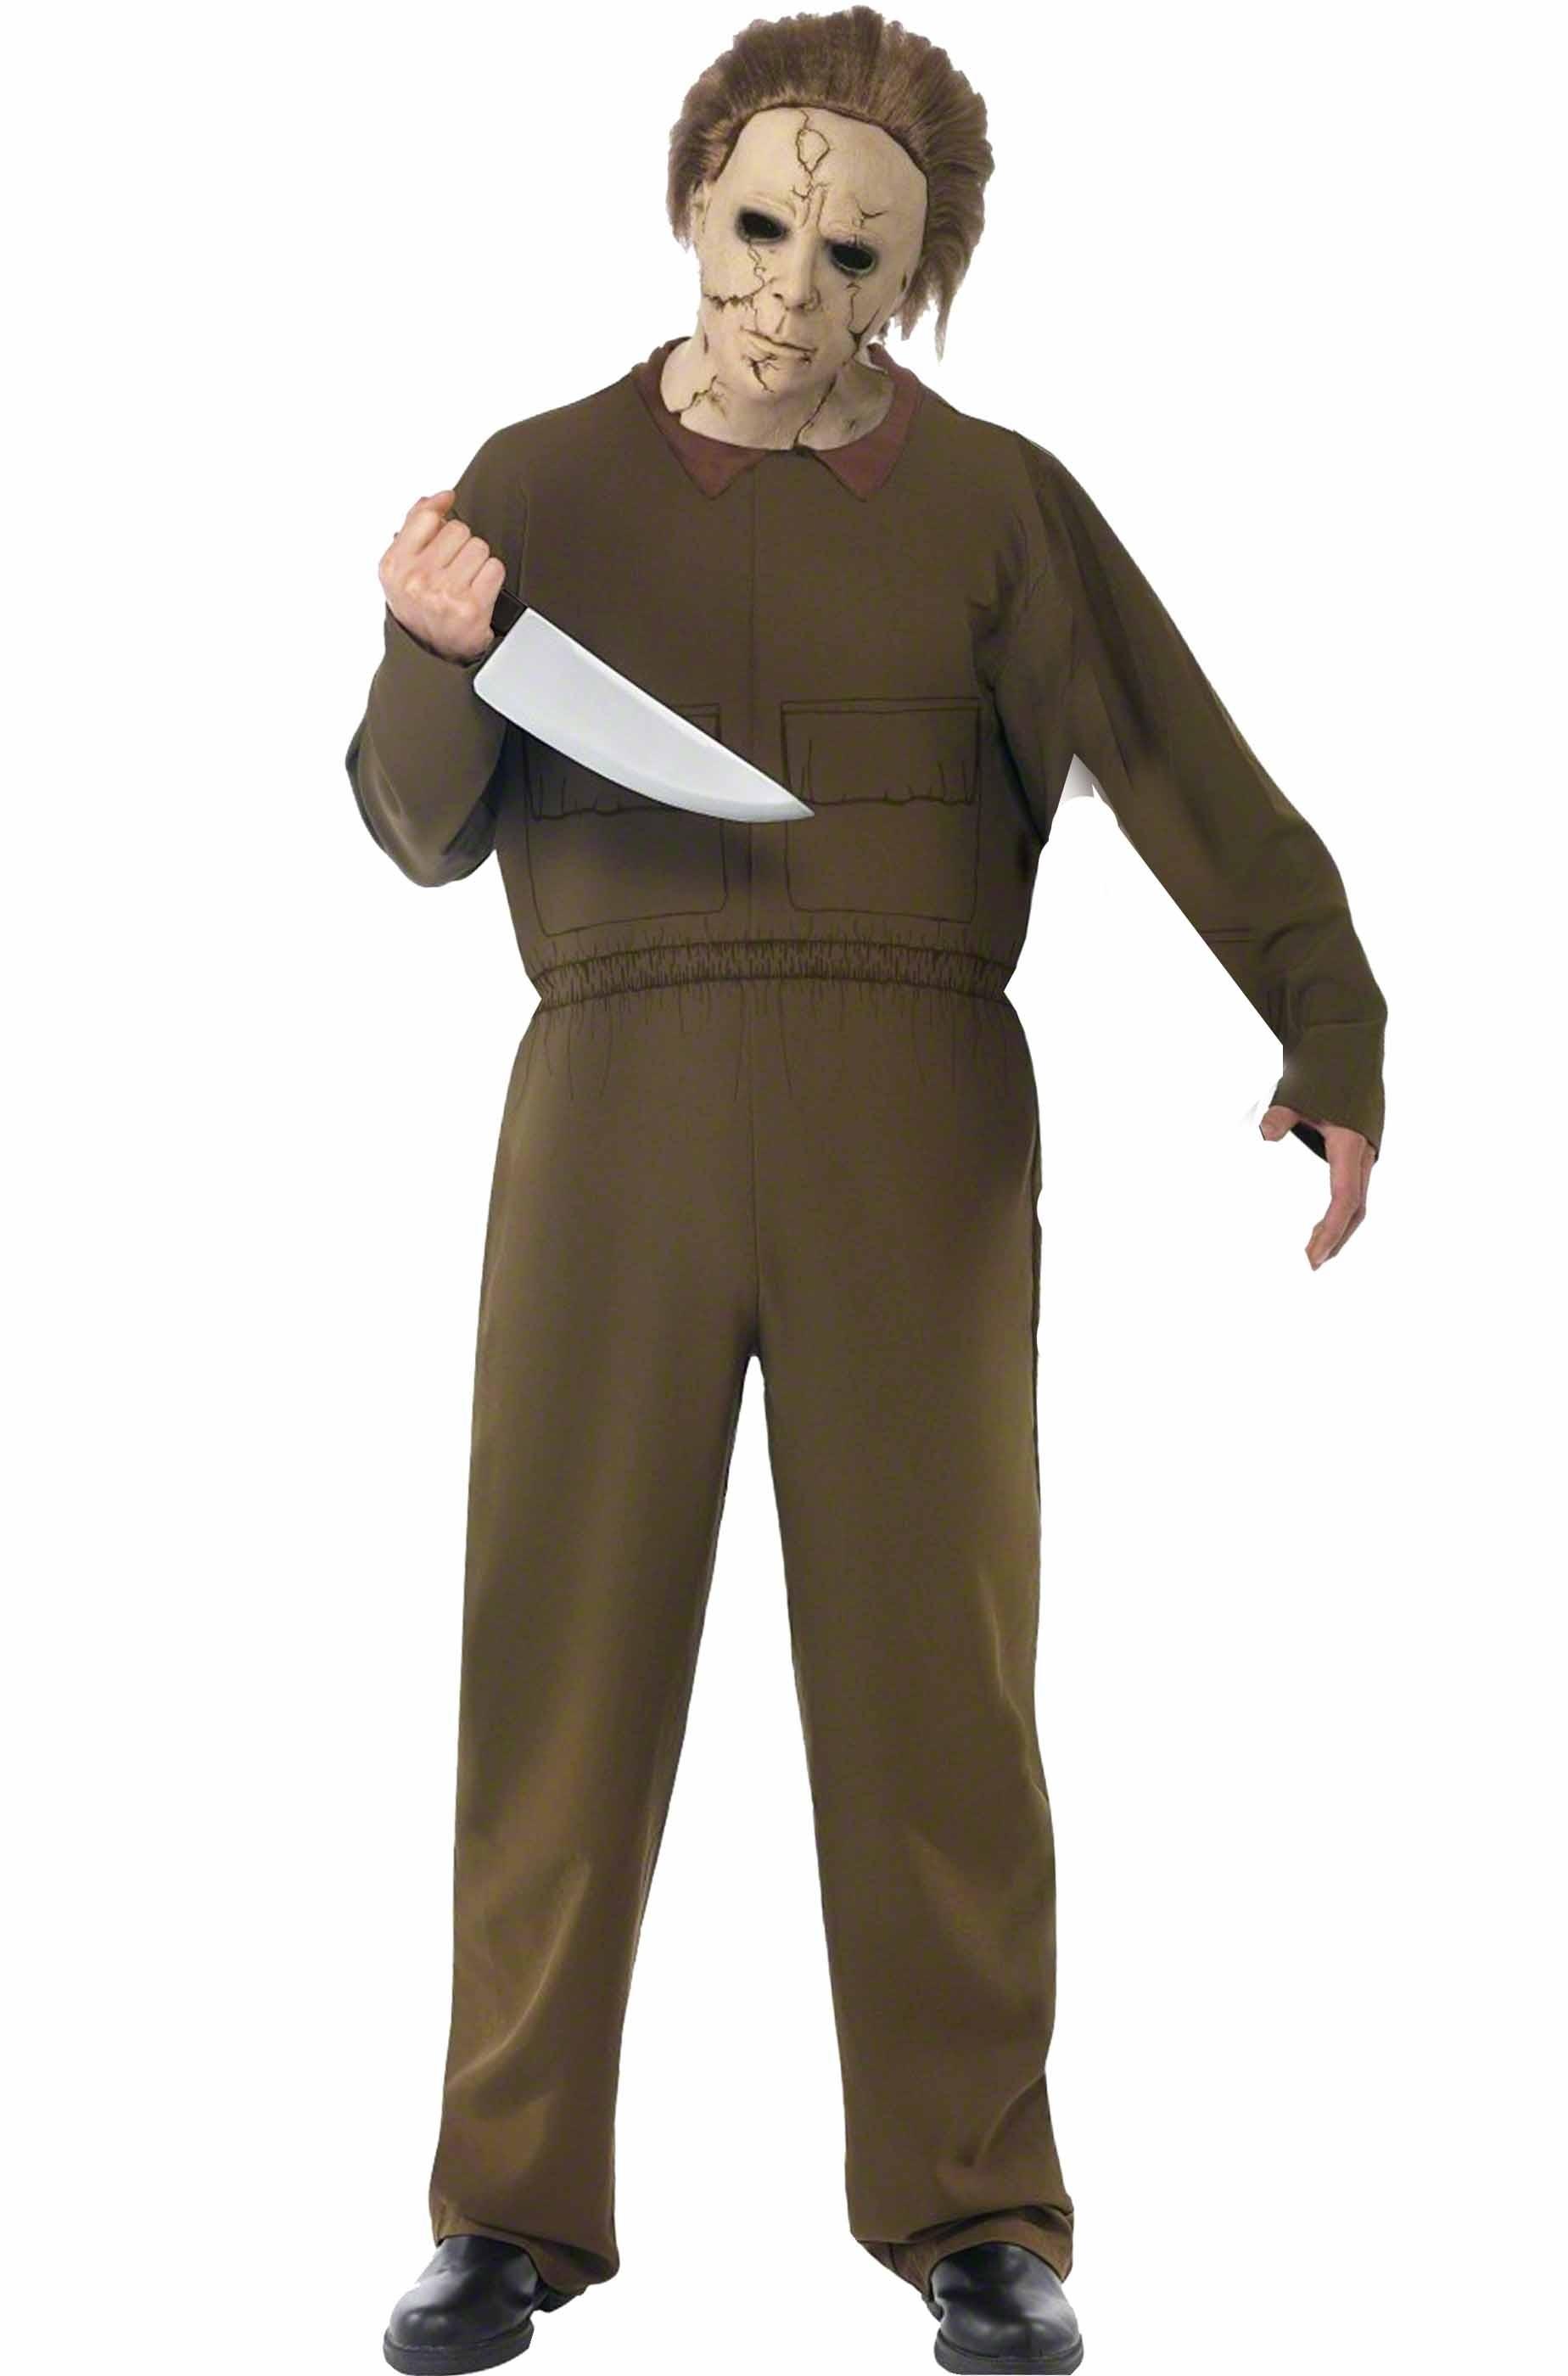 Dimensioni XXXL 190-195cm Maschera e Coltello Perfetto per Carnevale e Halloween thematys Set di Costumi per Film Horror Michael Myers incl